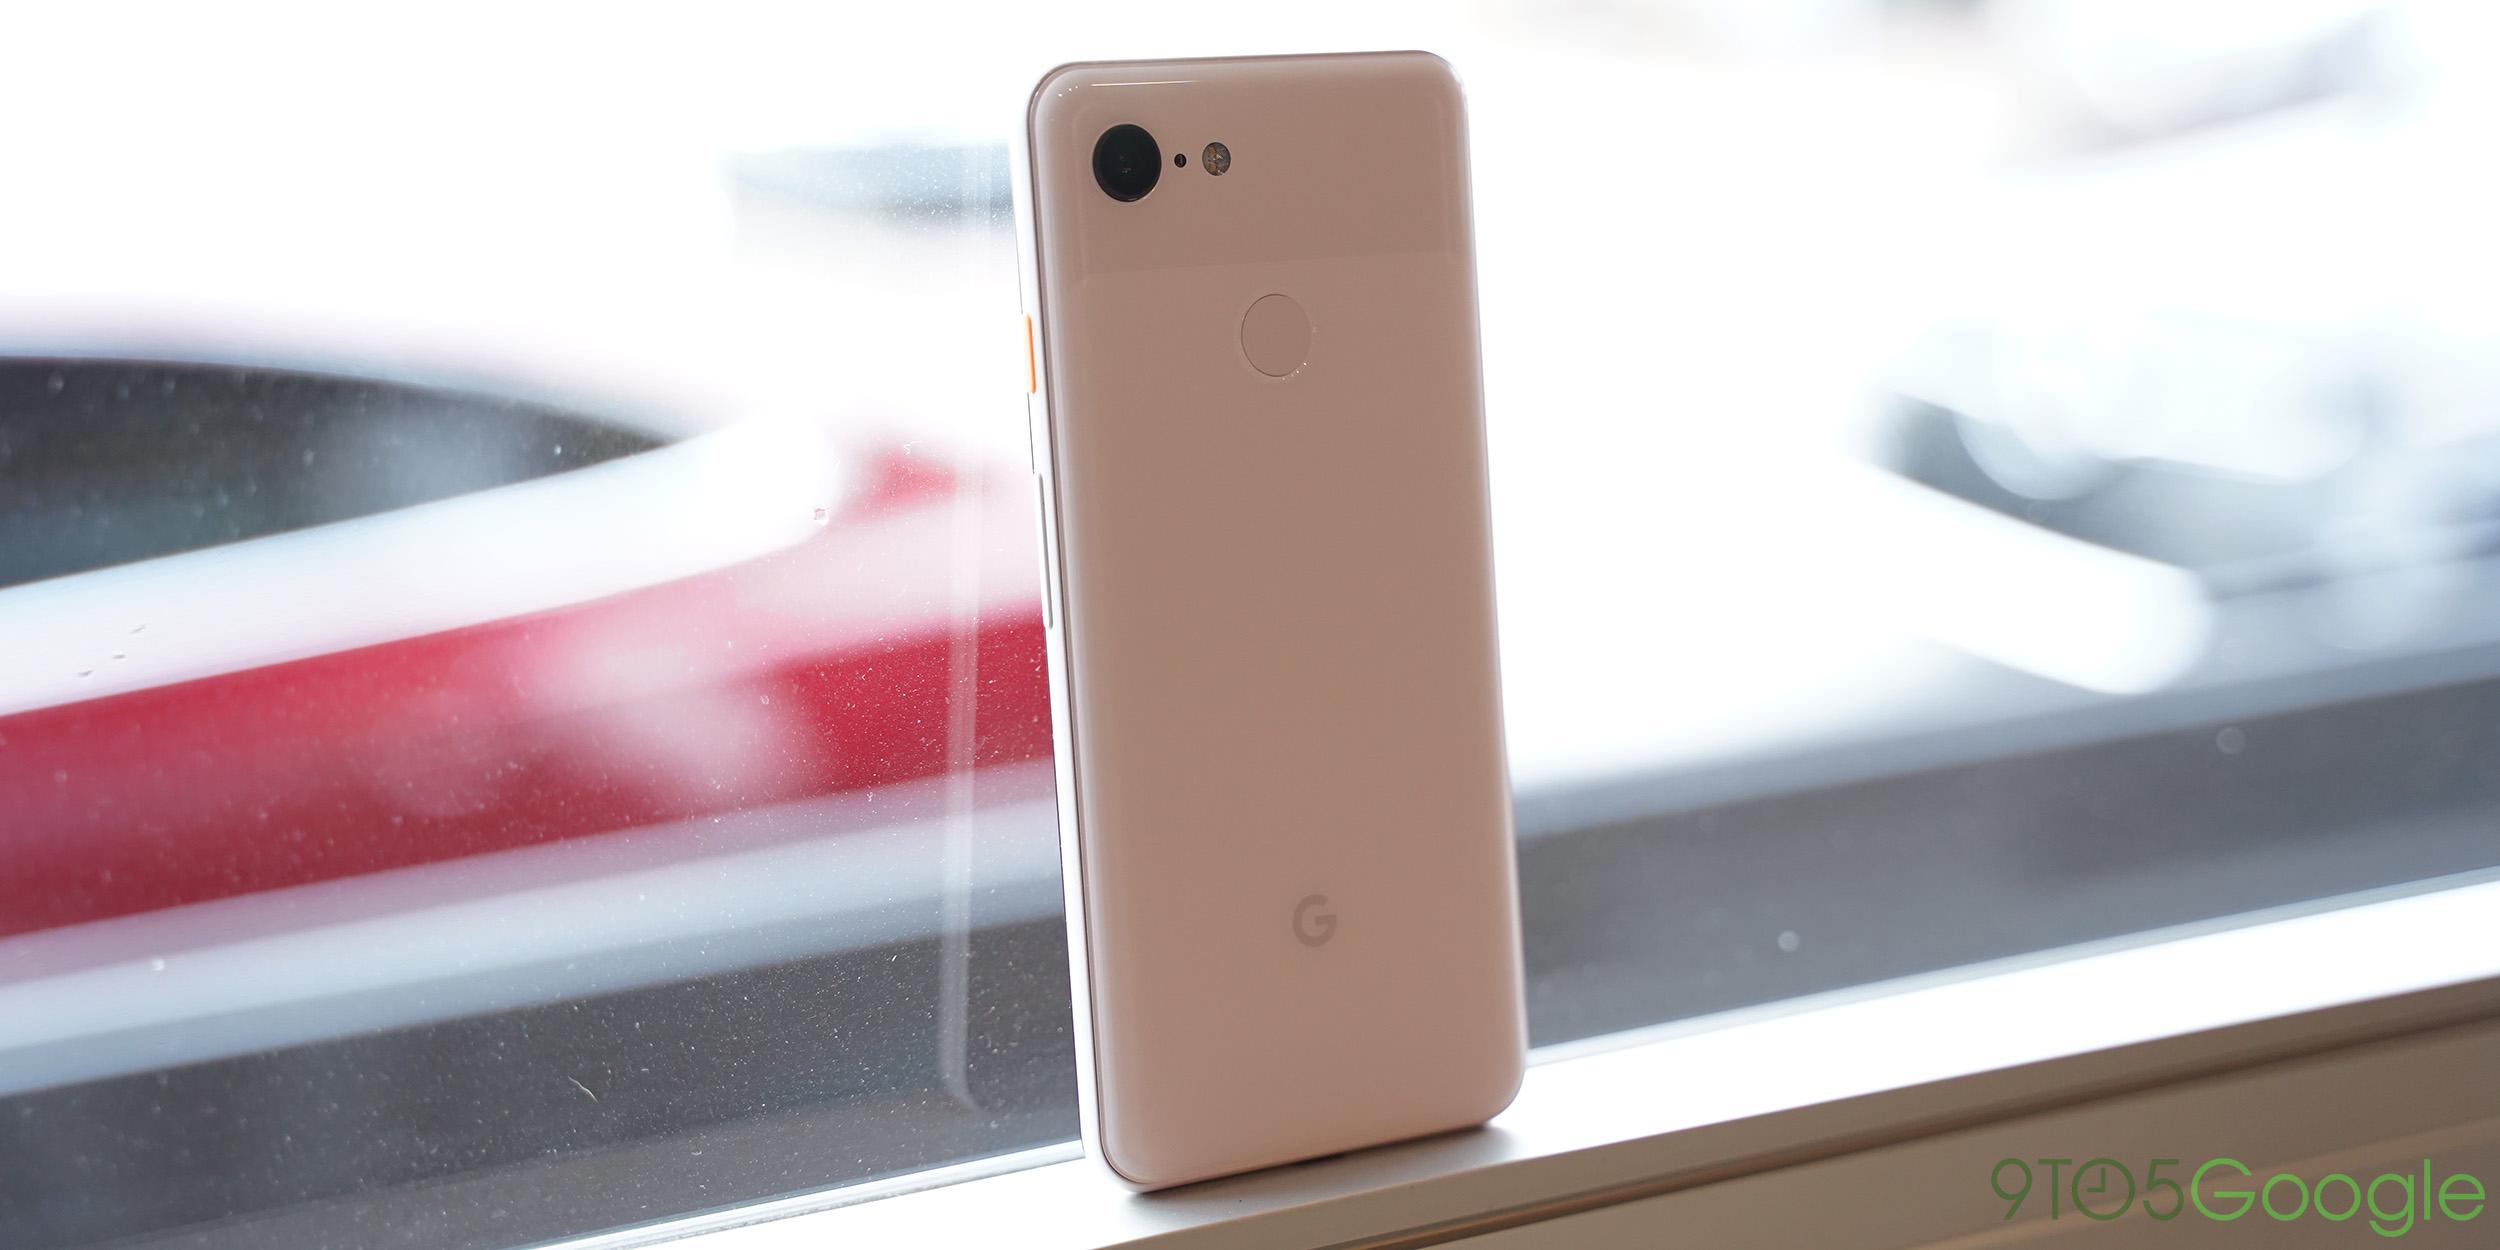 Google hat Pixel 3 im Wert von über 9.000 US-Dollar an einen Kunden gesendet, der nur eine Rückerstattung wünscht